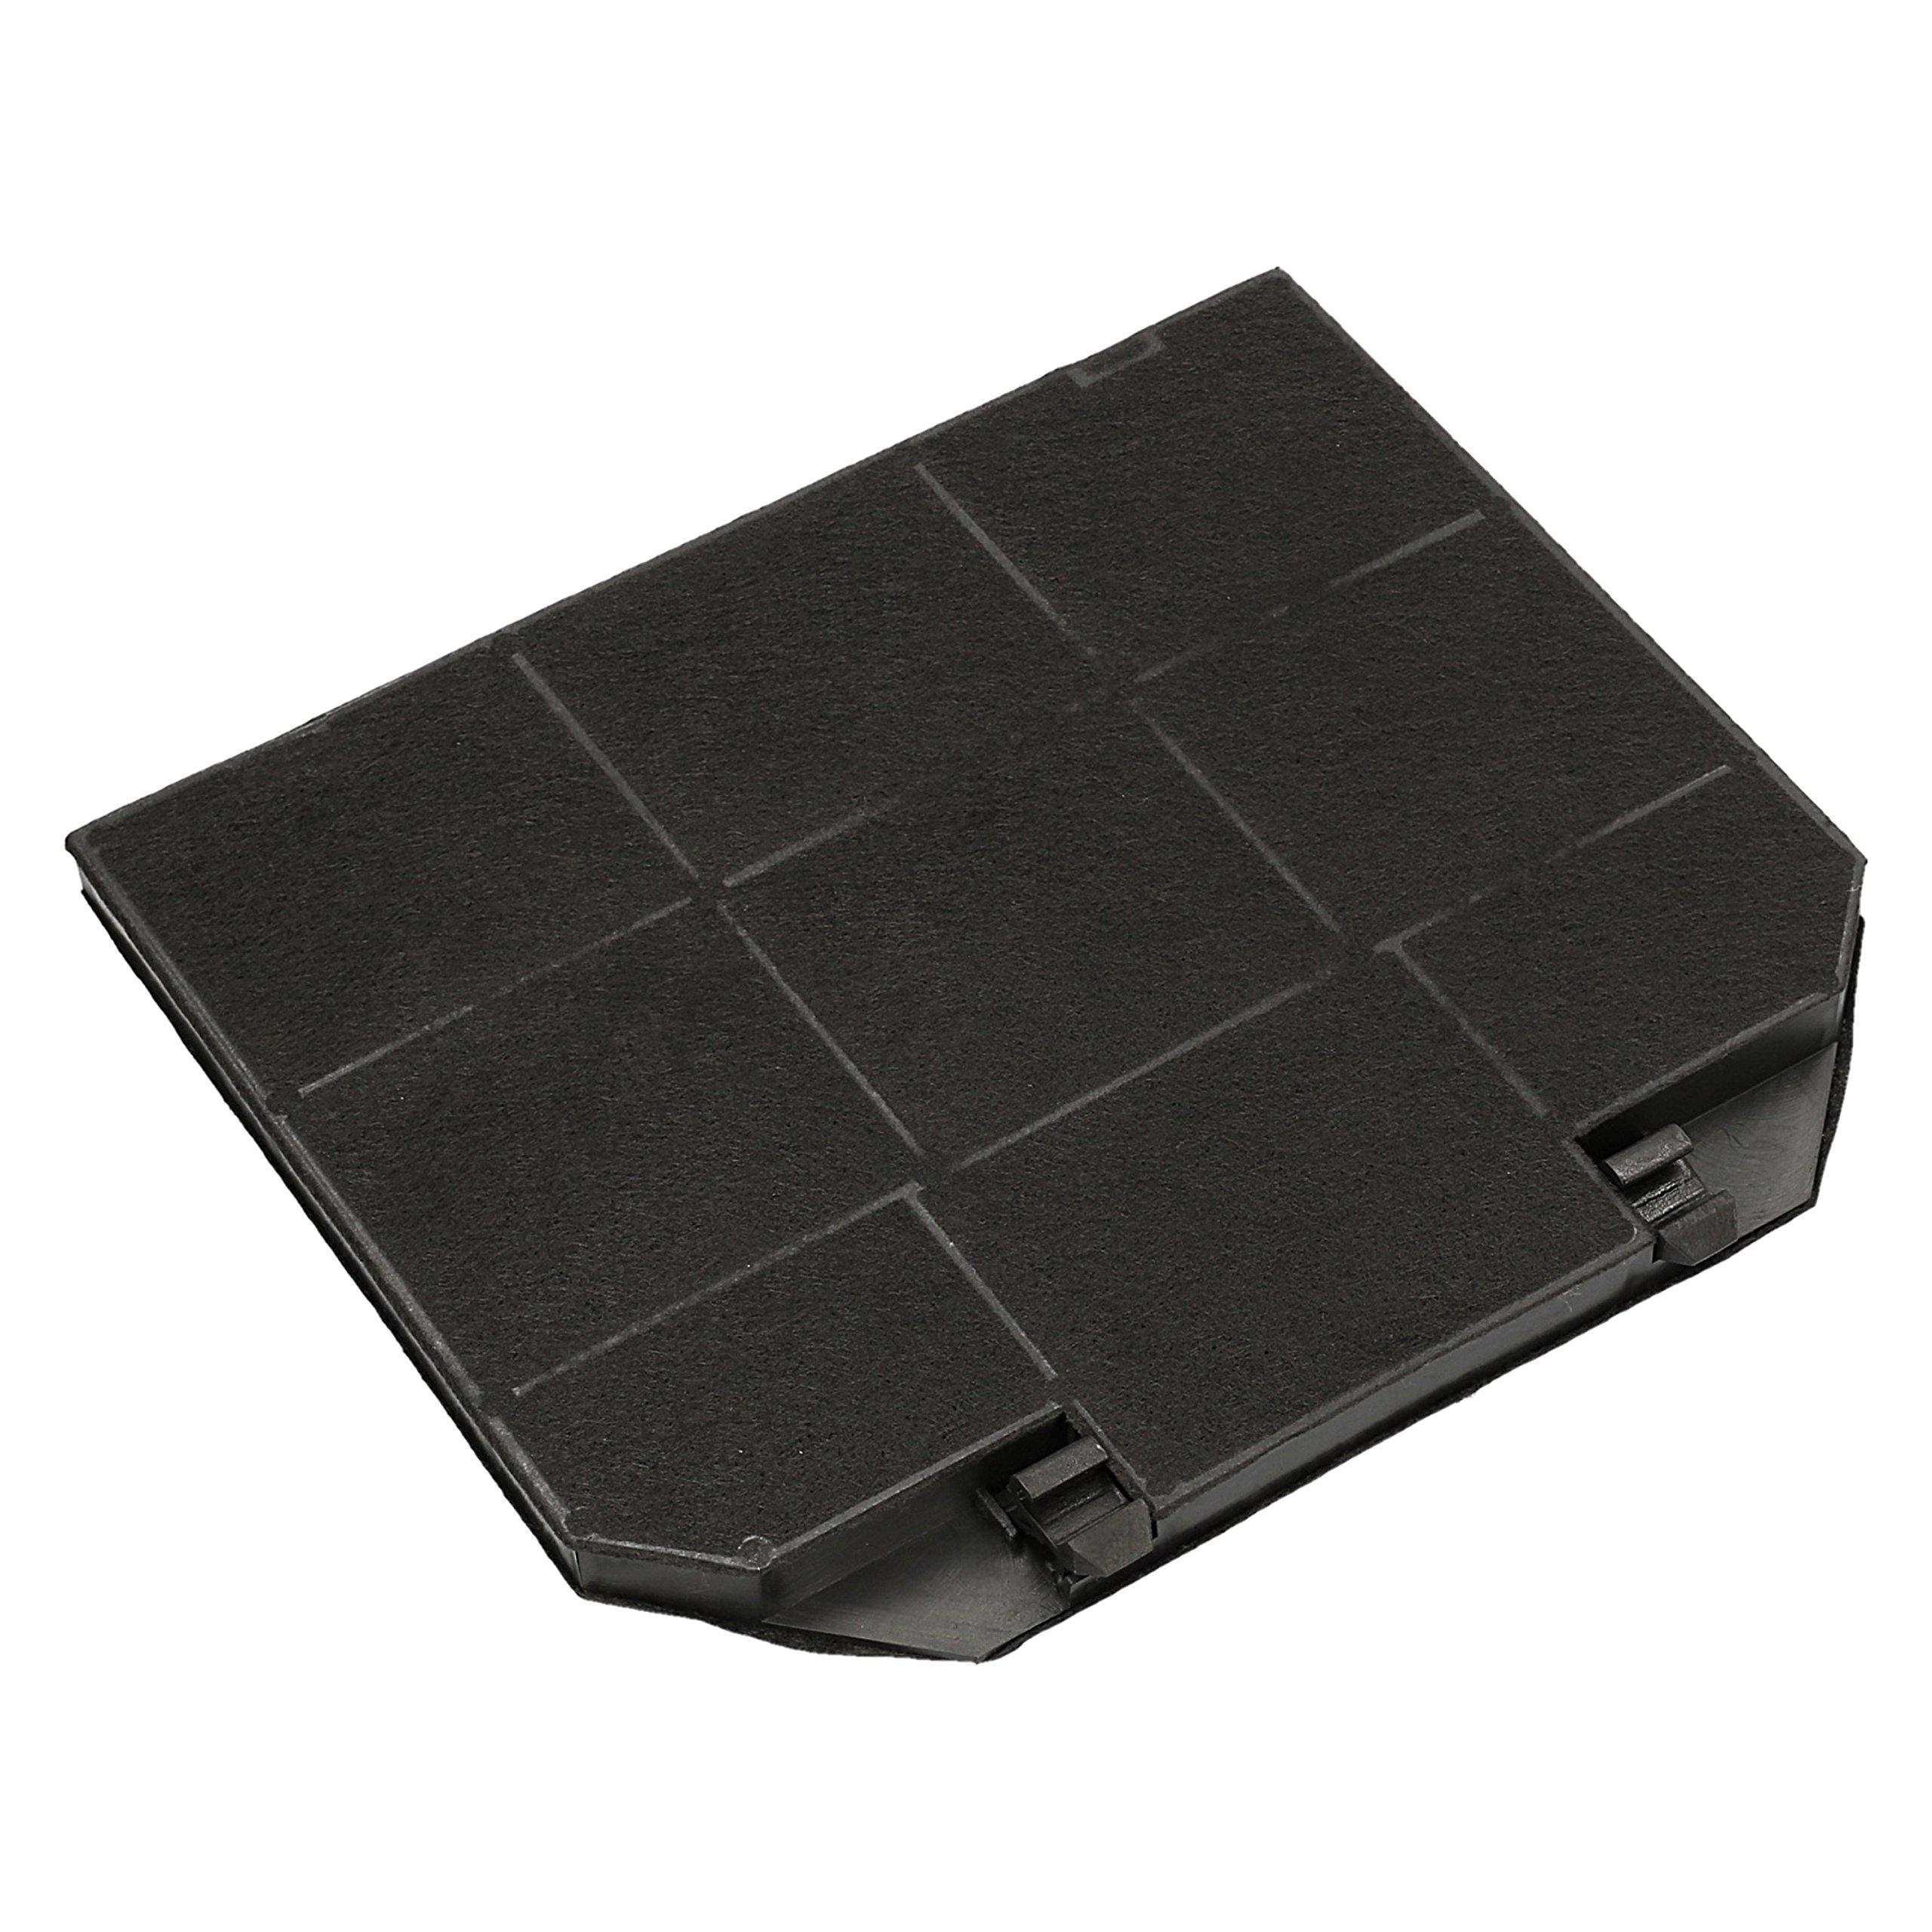 WESSPER® Campana extractora filtro para AEG-Electrolux DL8560M (, carbón): Amazon.es: Grandes electrodomésticos